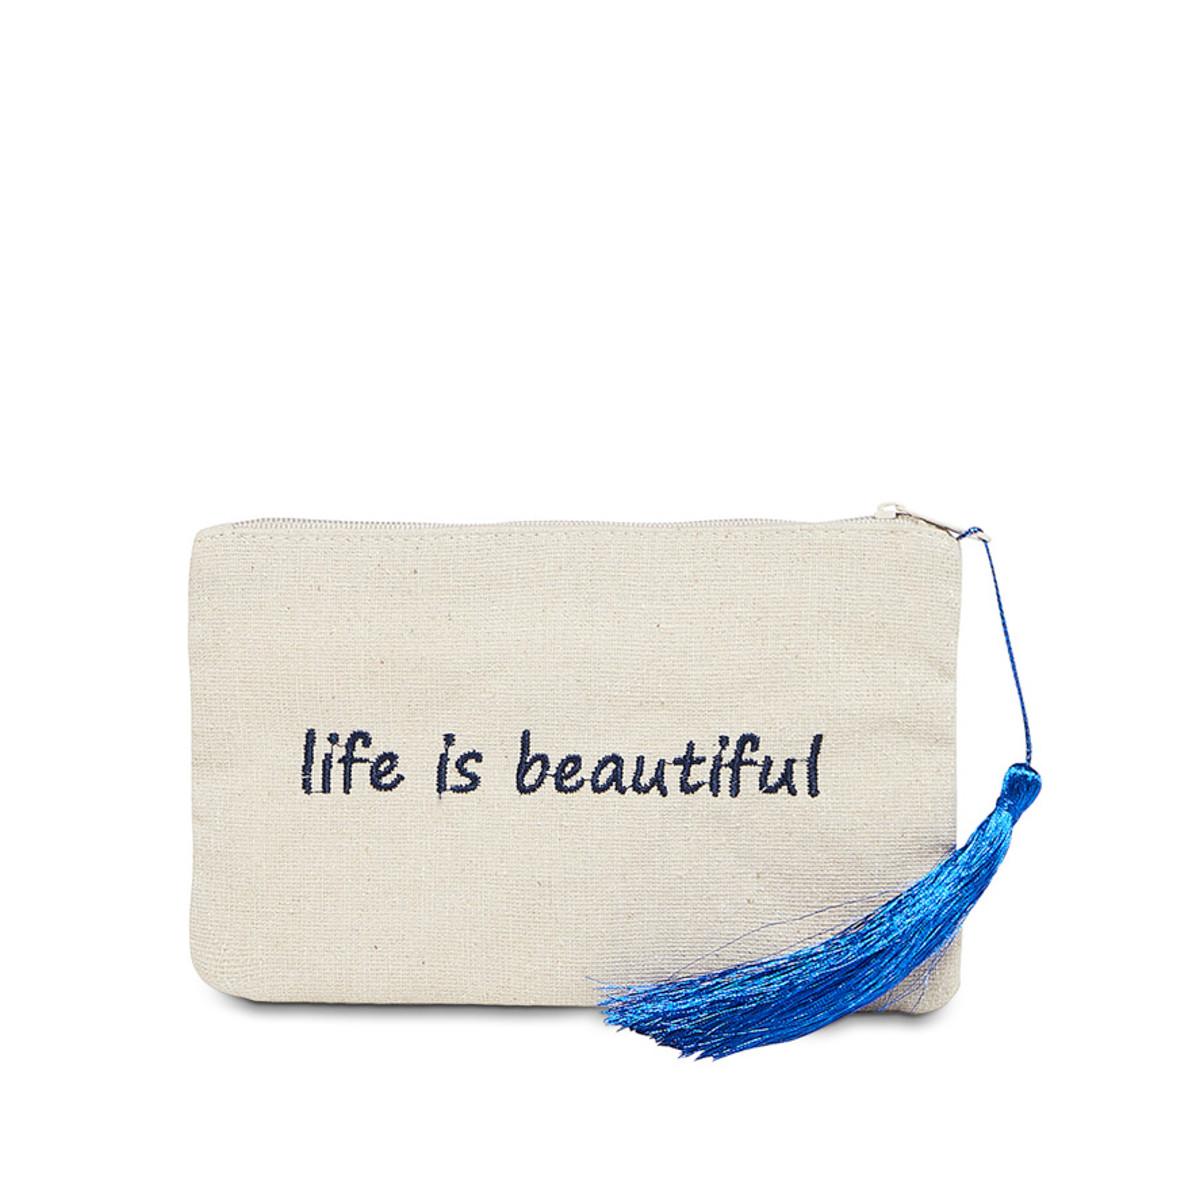 Petite pochette à message beige LIFE IS BEAUTIFUL bleue marine